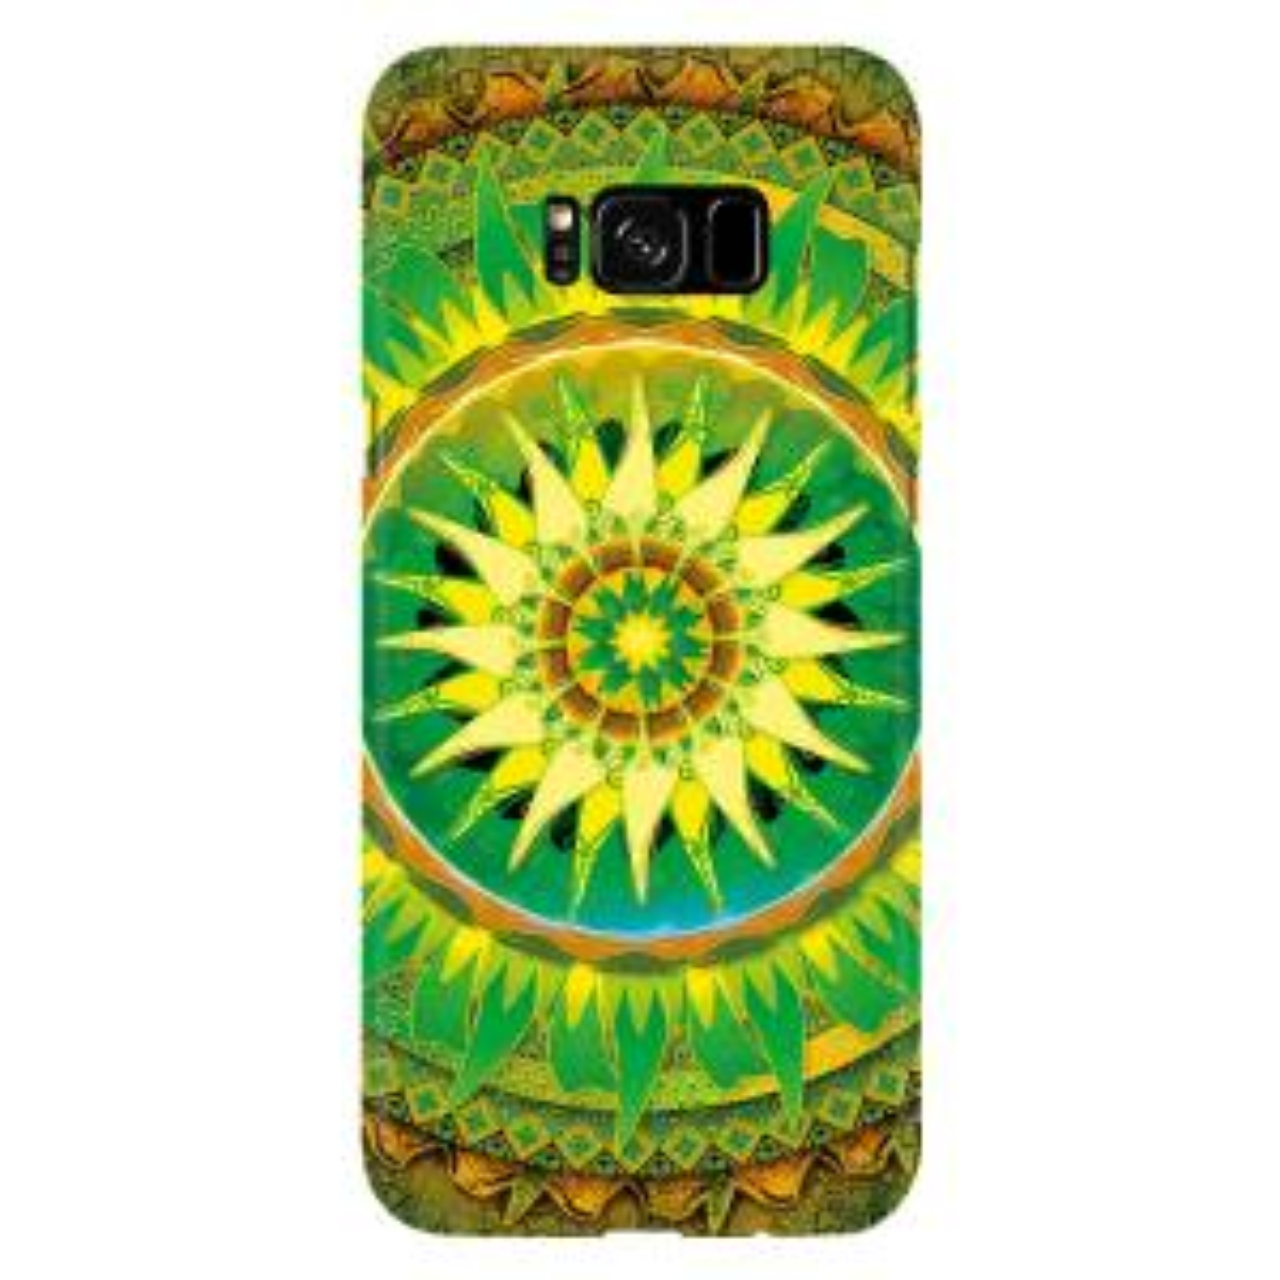 کاور زیزیپ مدل 450G مناسب برای گوشی موبایل سامسونگ گلکسی S8